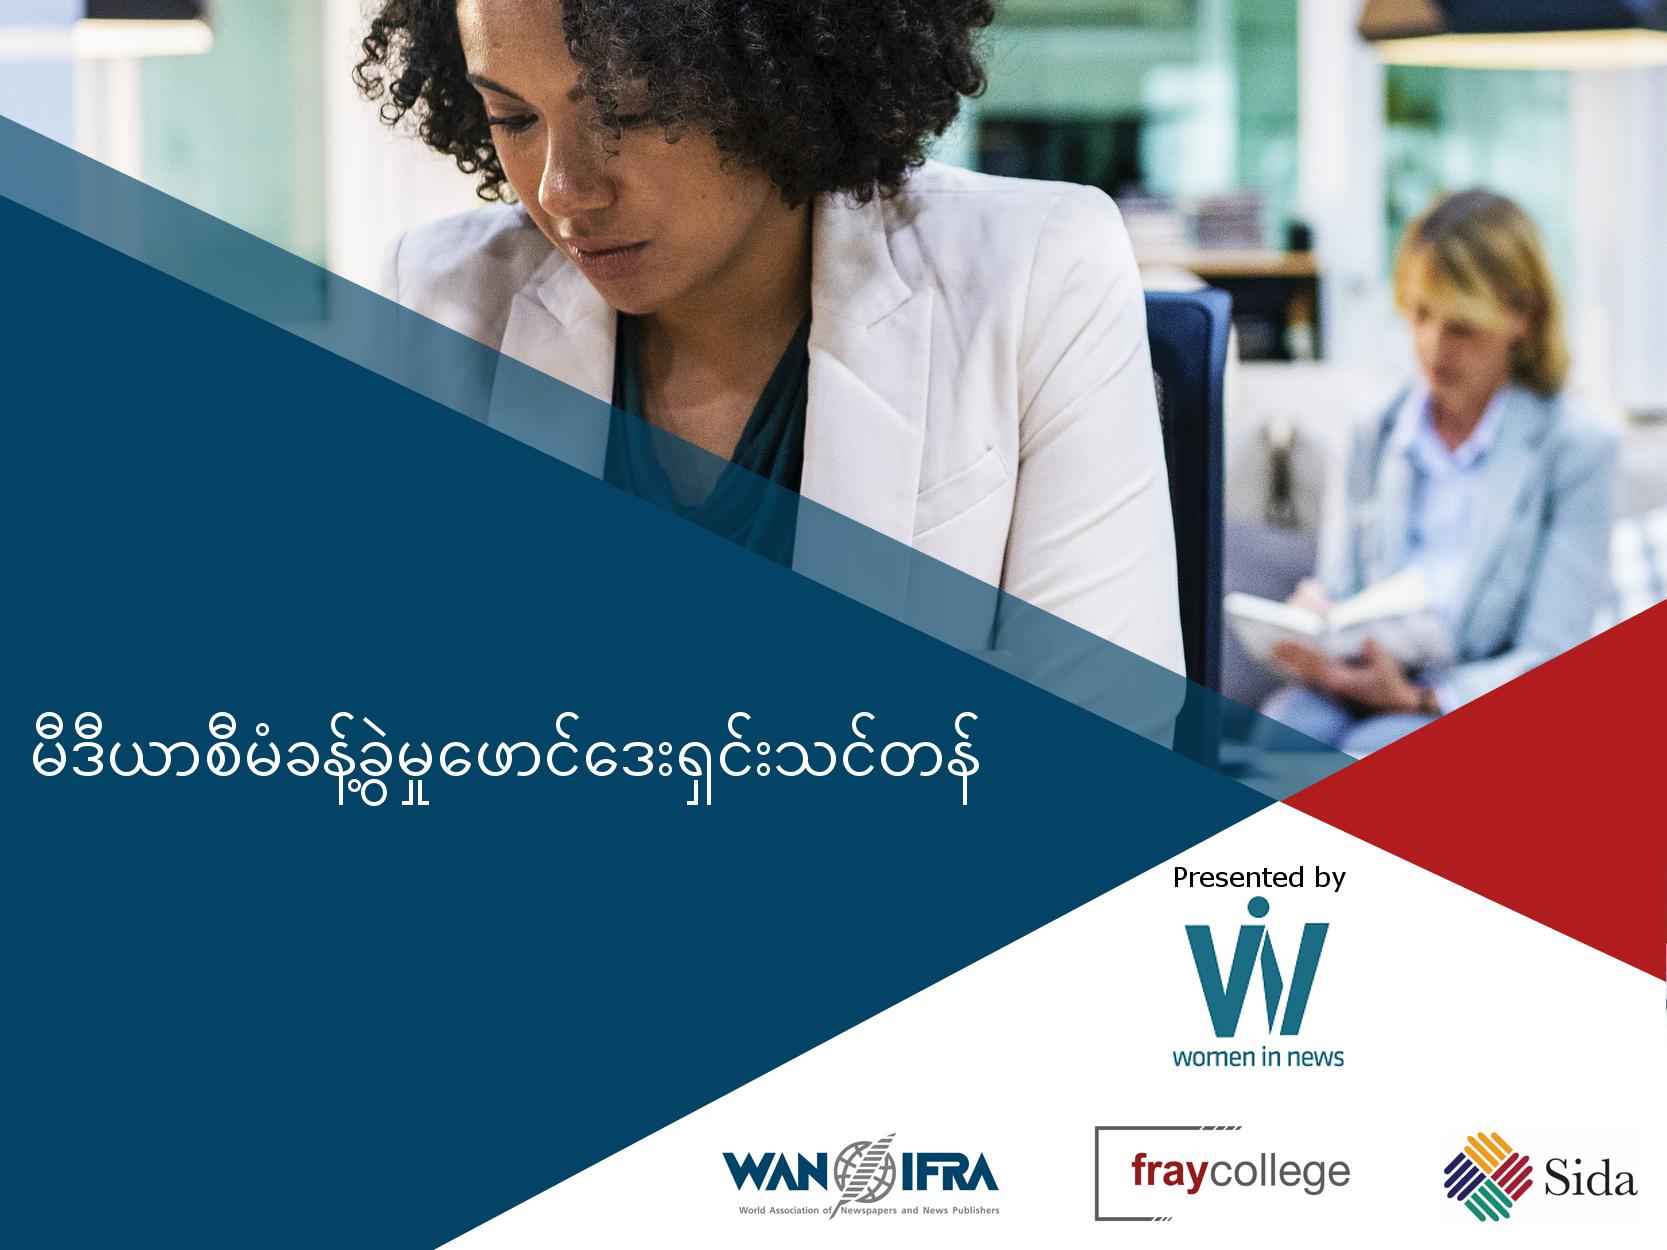 မီဒီယာစီမံခန့်ခွဲမှု သင်တန်း - Media Management Burmese